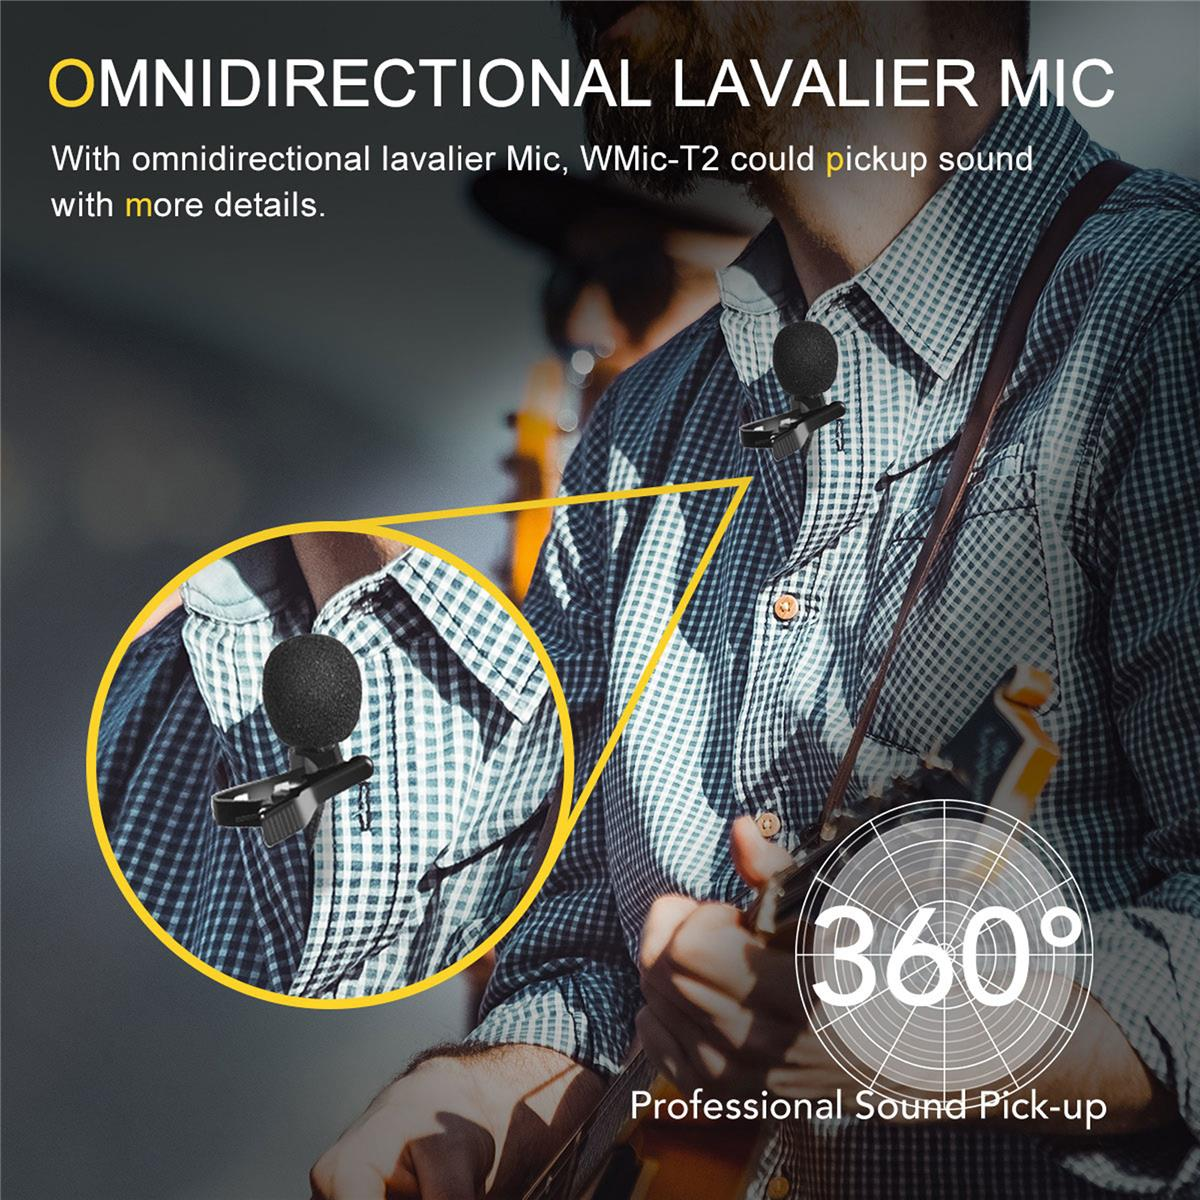 Synco Audio WMic-T2: Picture 15